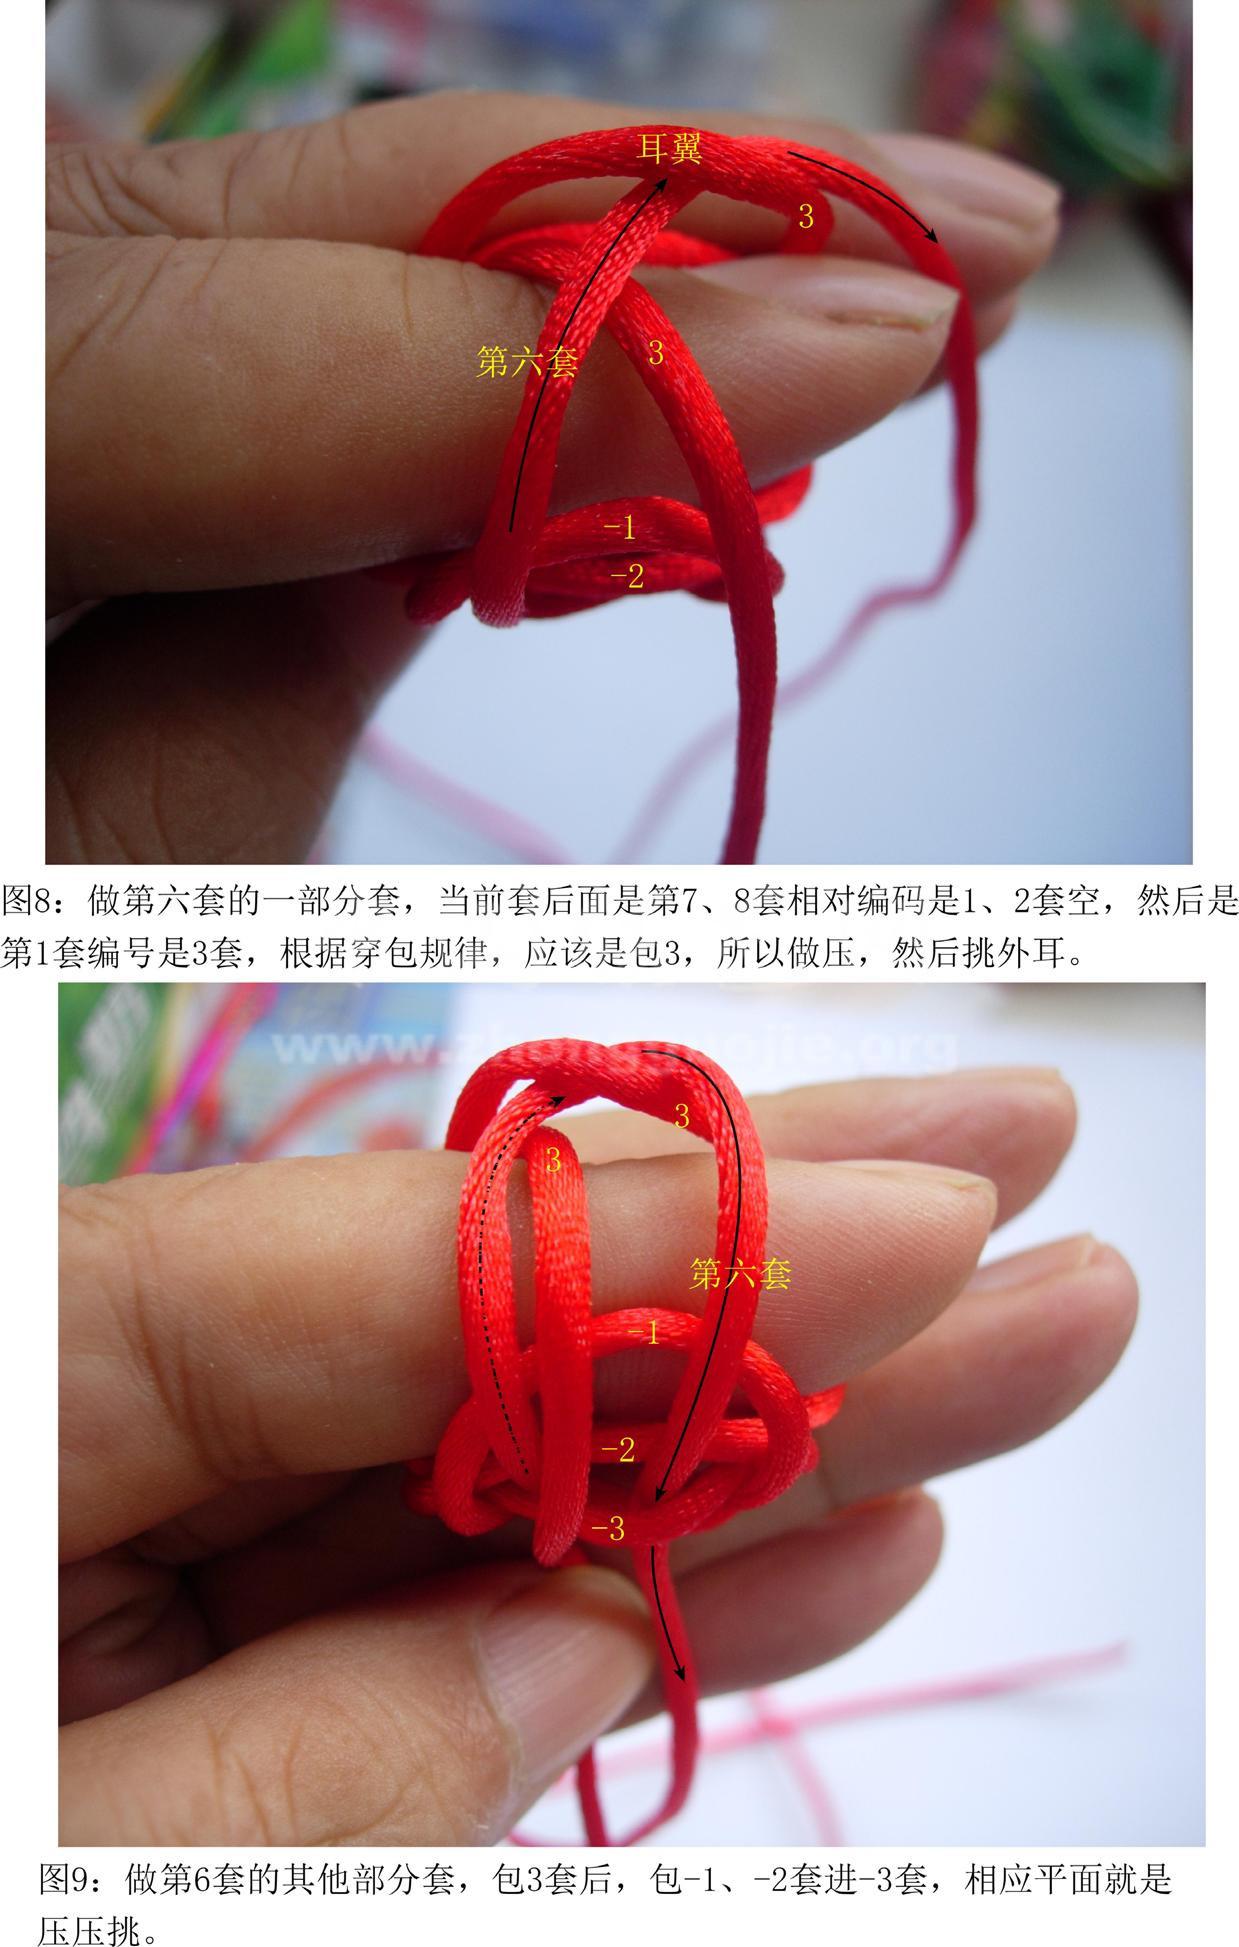 中国结论坛 8套1-2星辰结徒手编结过程  丑丑徒手编结 123512d15pmim3z18581b1